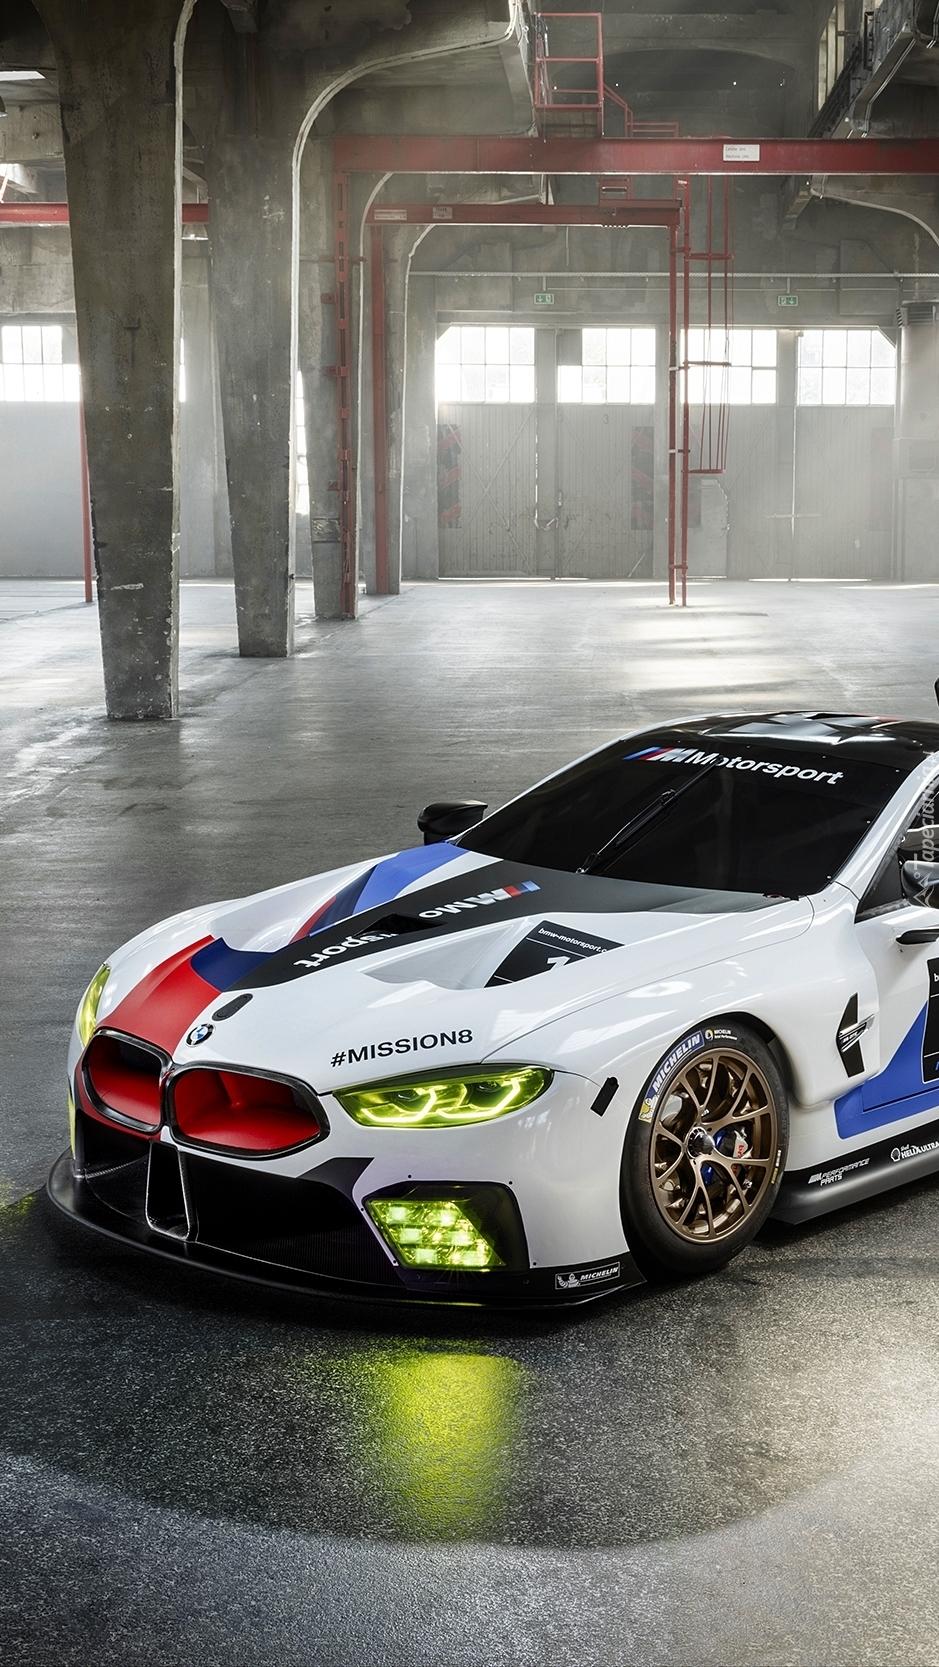 Rajdowe BMW M8 GTE